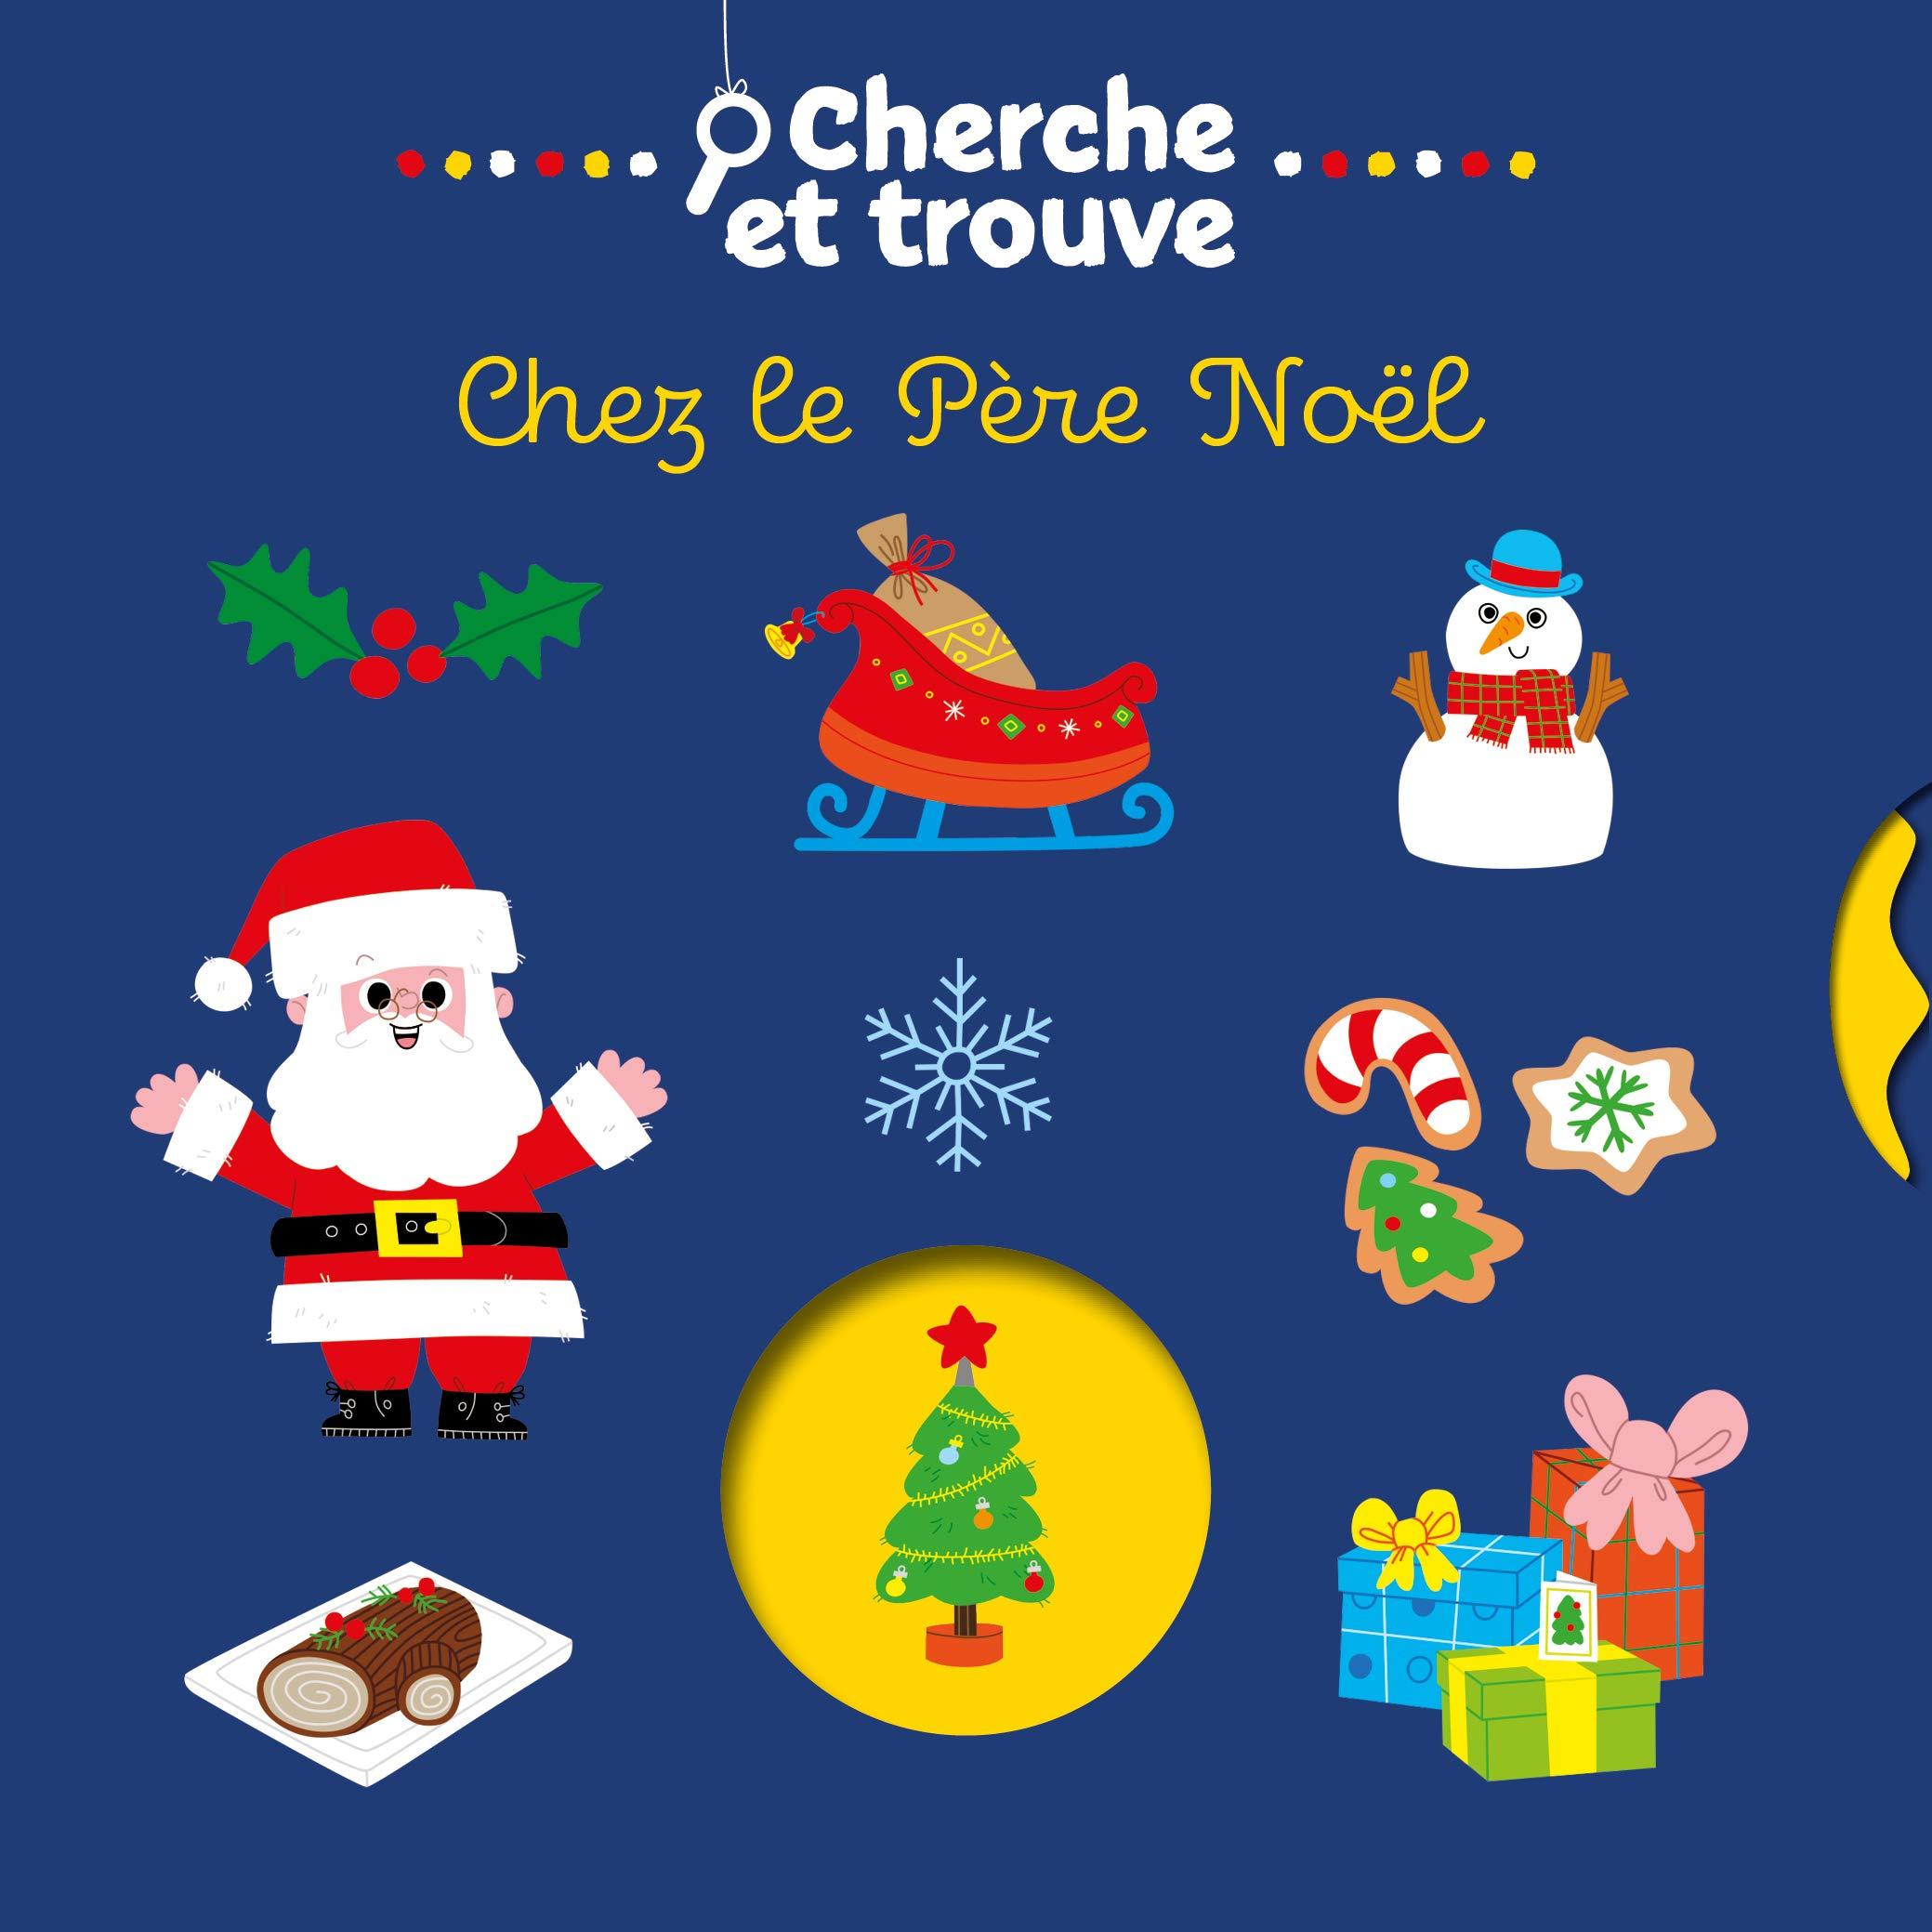 Vive Noel Cherche et trouve   Vive Noël ! (Cherche et trouve animé) (French